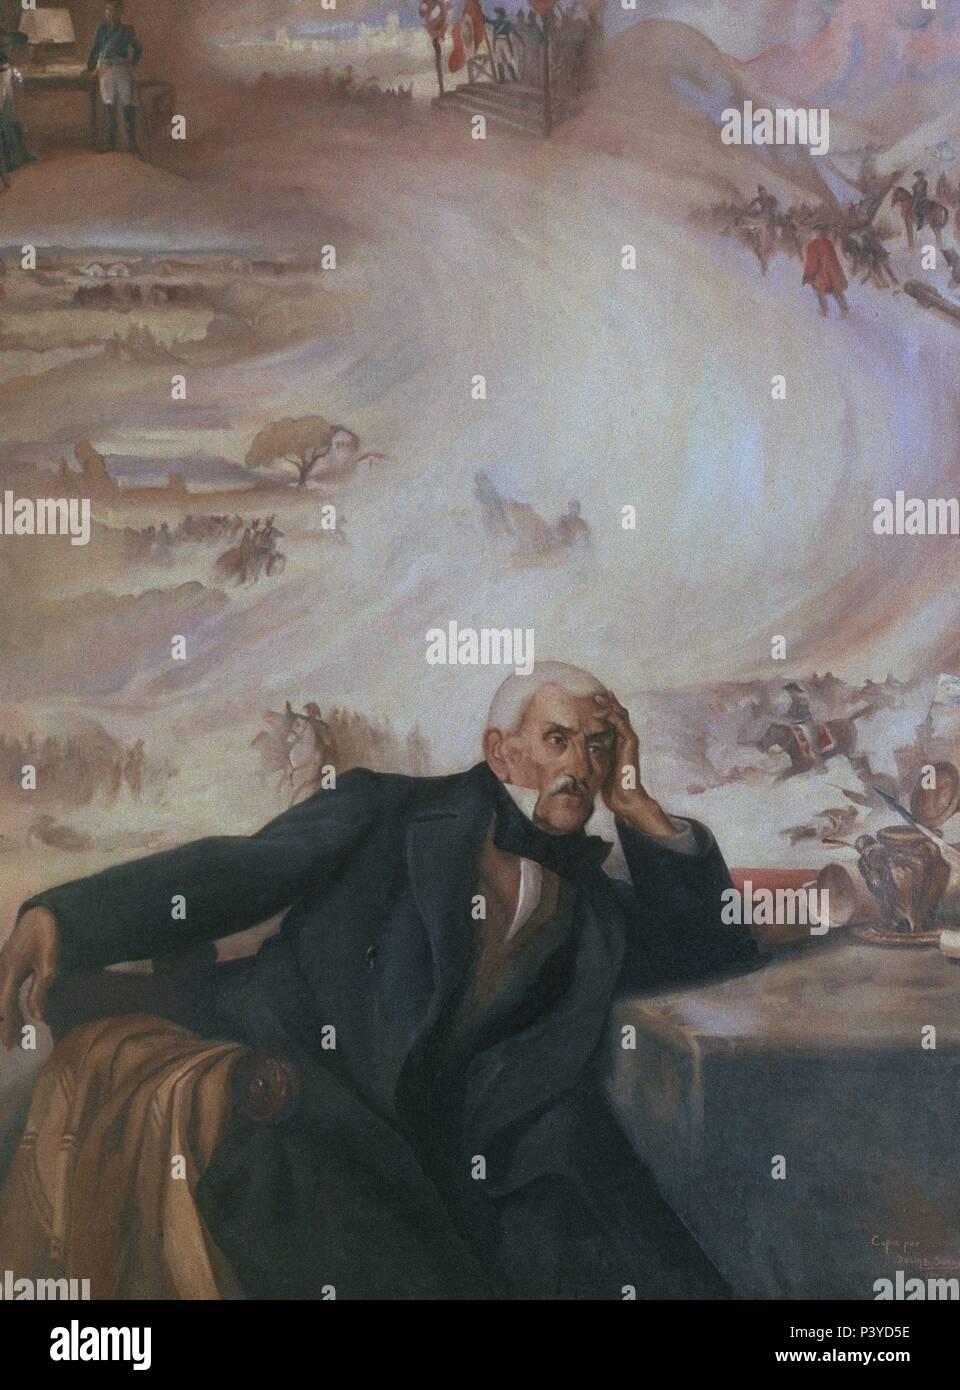 LA VISION DE SAN MARTIN (1778-1850) LIBERTADOR DE CHILE Y